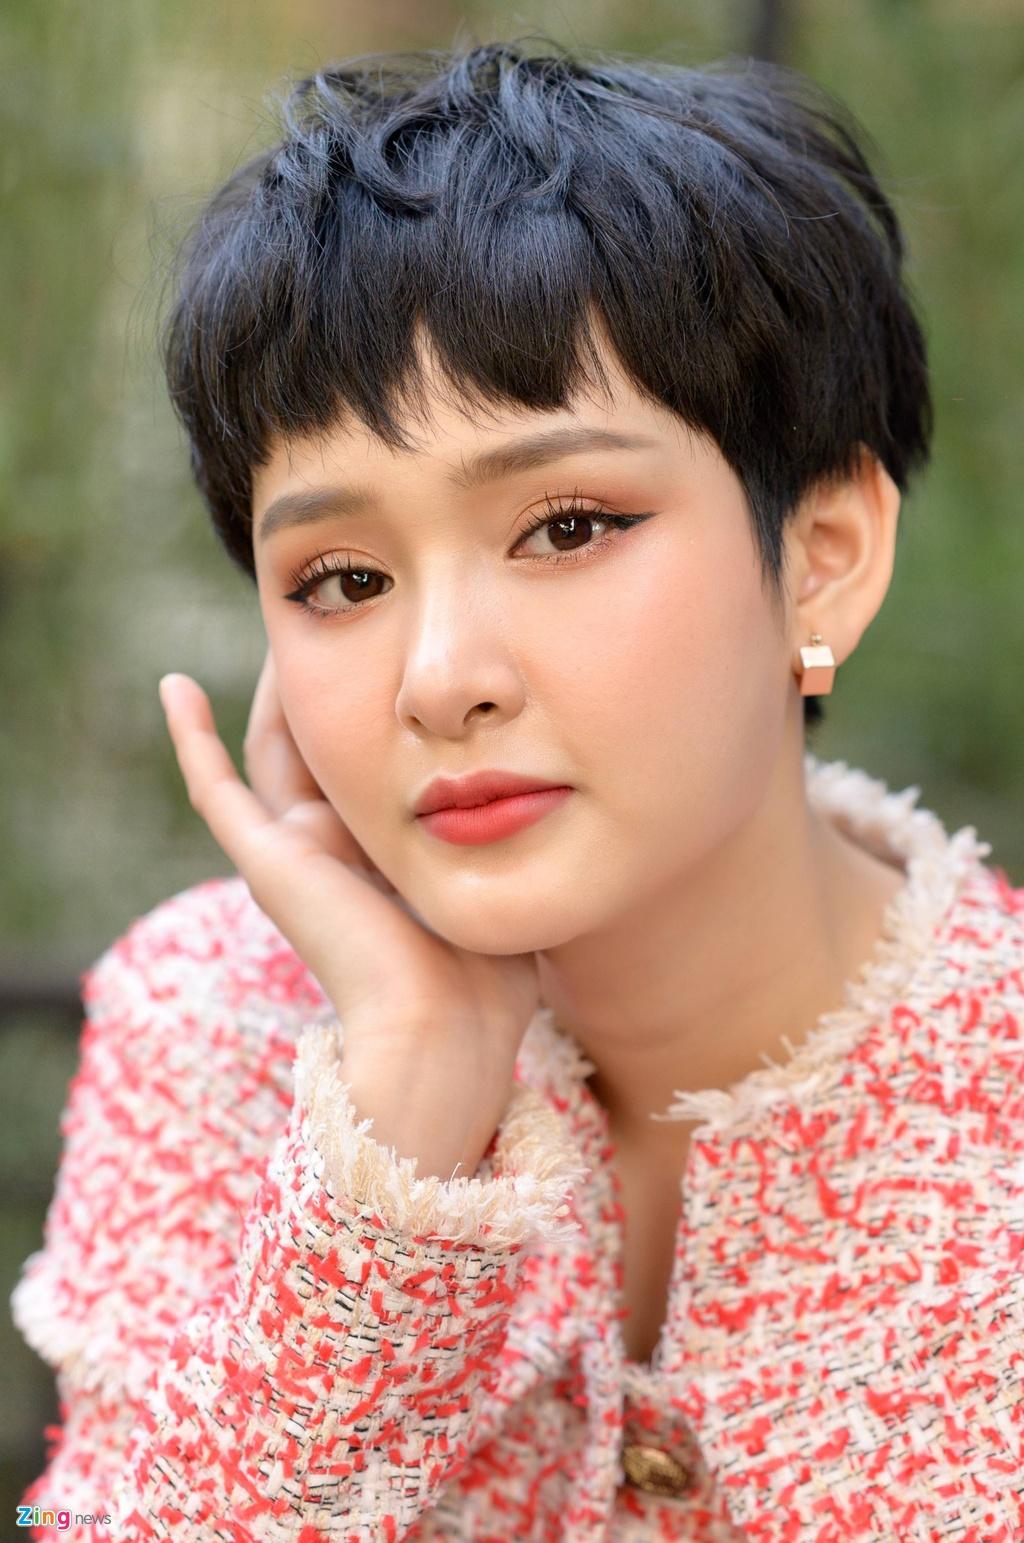 Hien Ho: 'Toi do, nhat nhung khong vo duyen' hinh anh 4 hienho2_zing.jpg